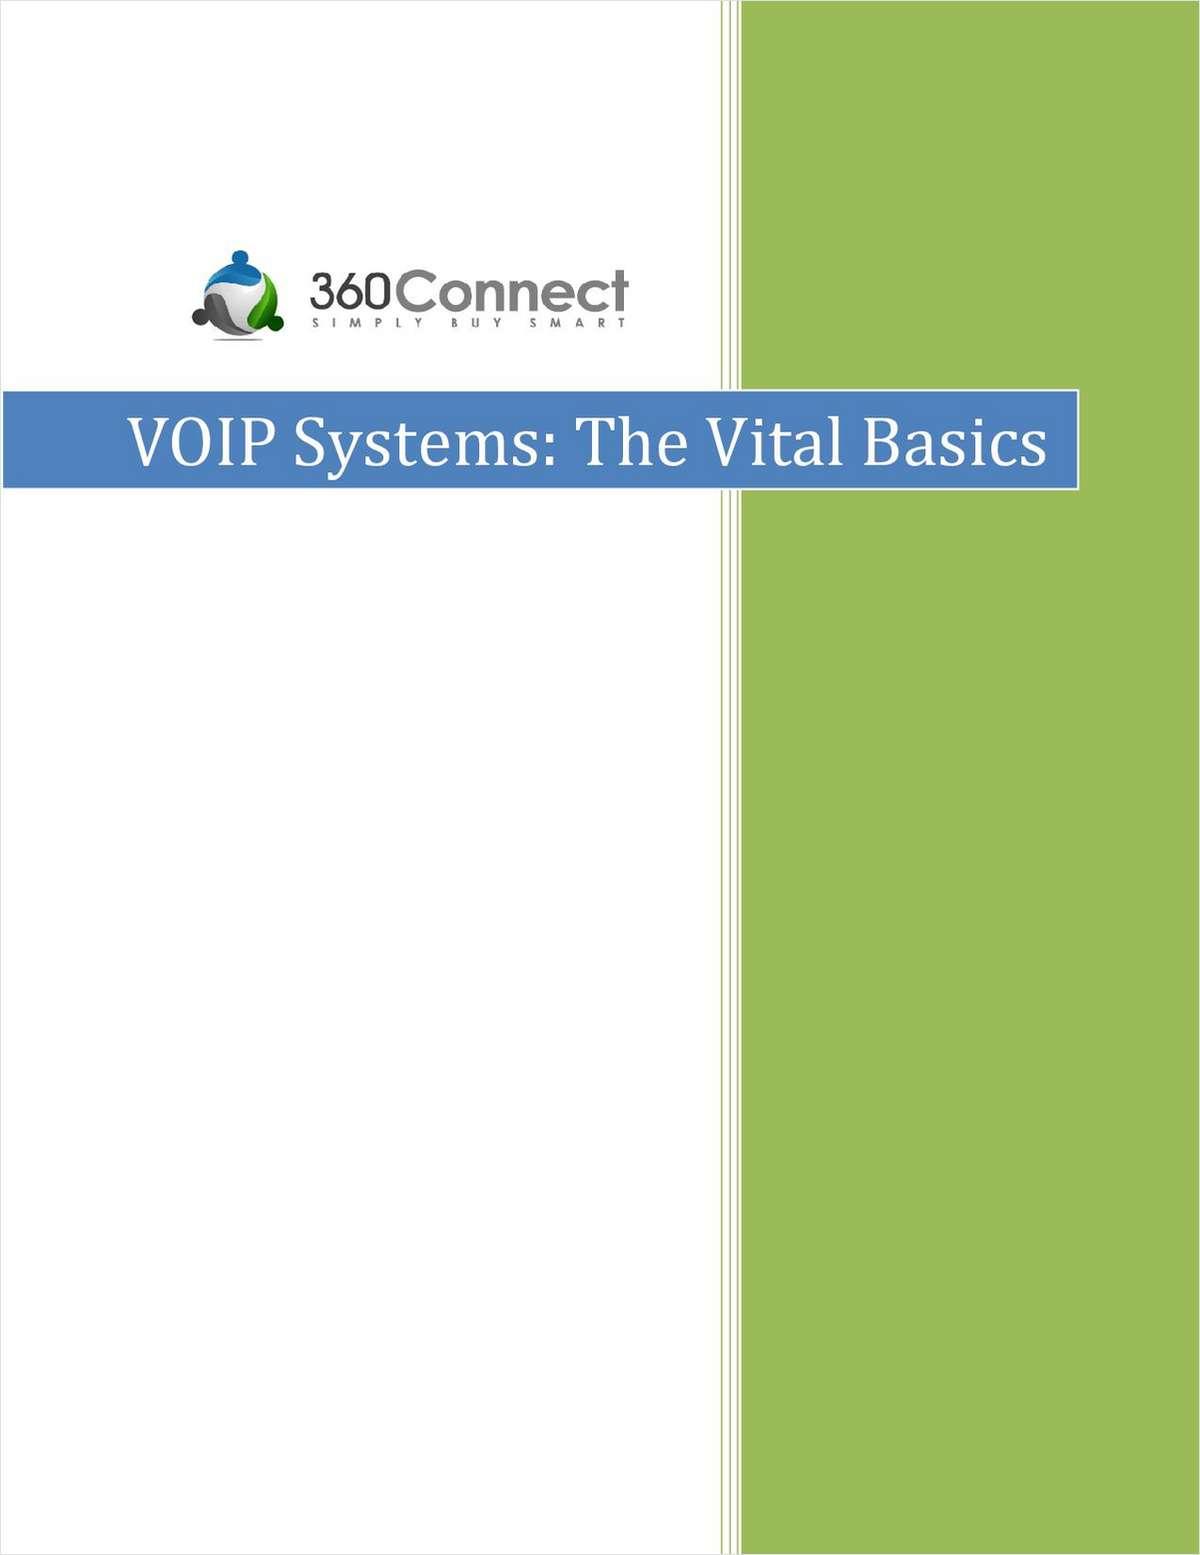 VOIP Systems – The Vital Basics